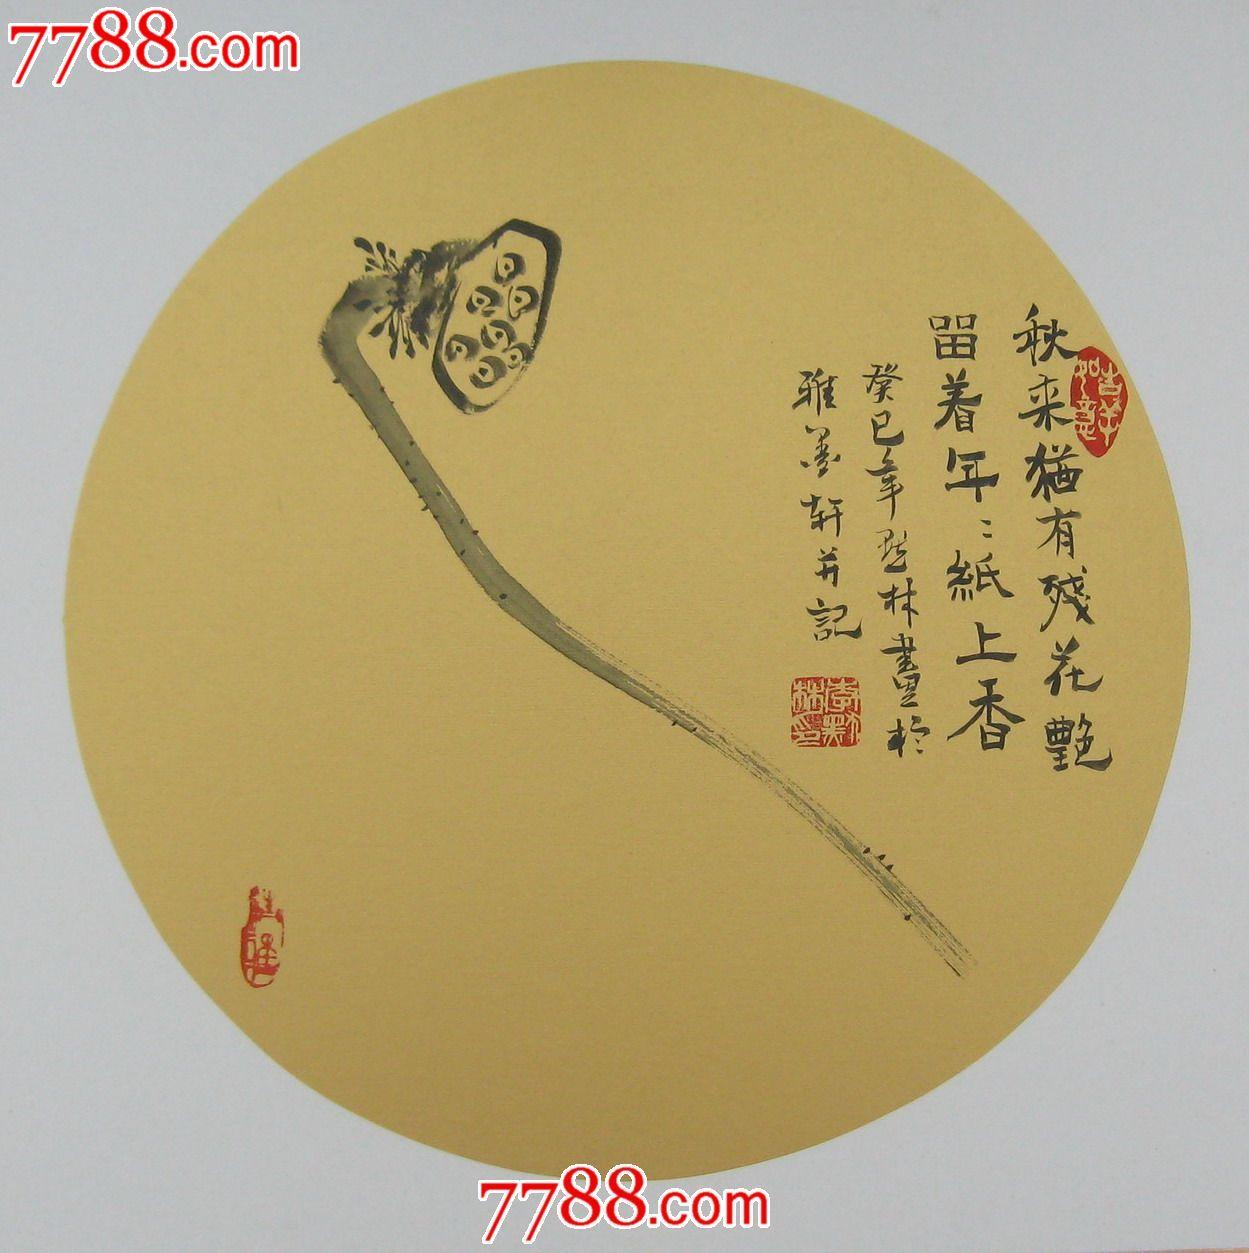 简介: 【规格】作品尺寸:38x38厘米,圆形直径:32厘米【材质】泥金卡纸